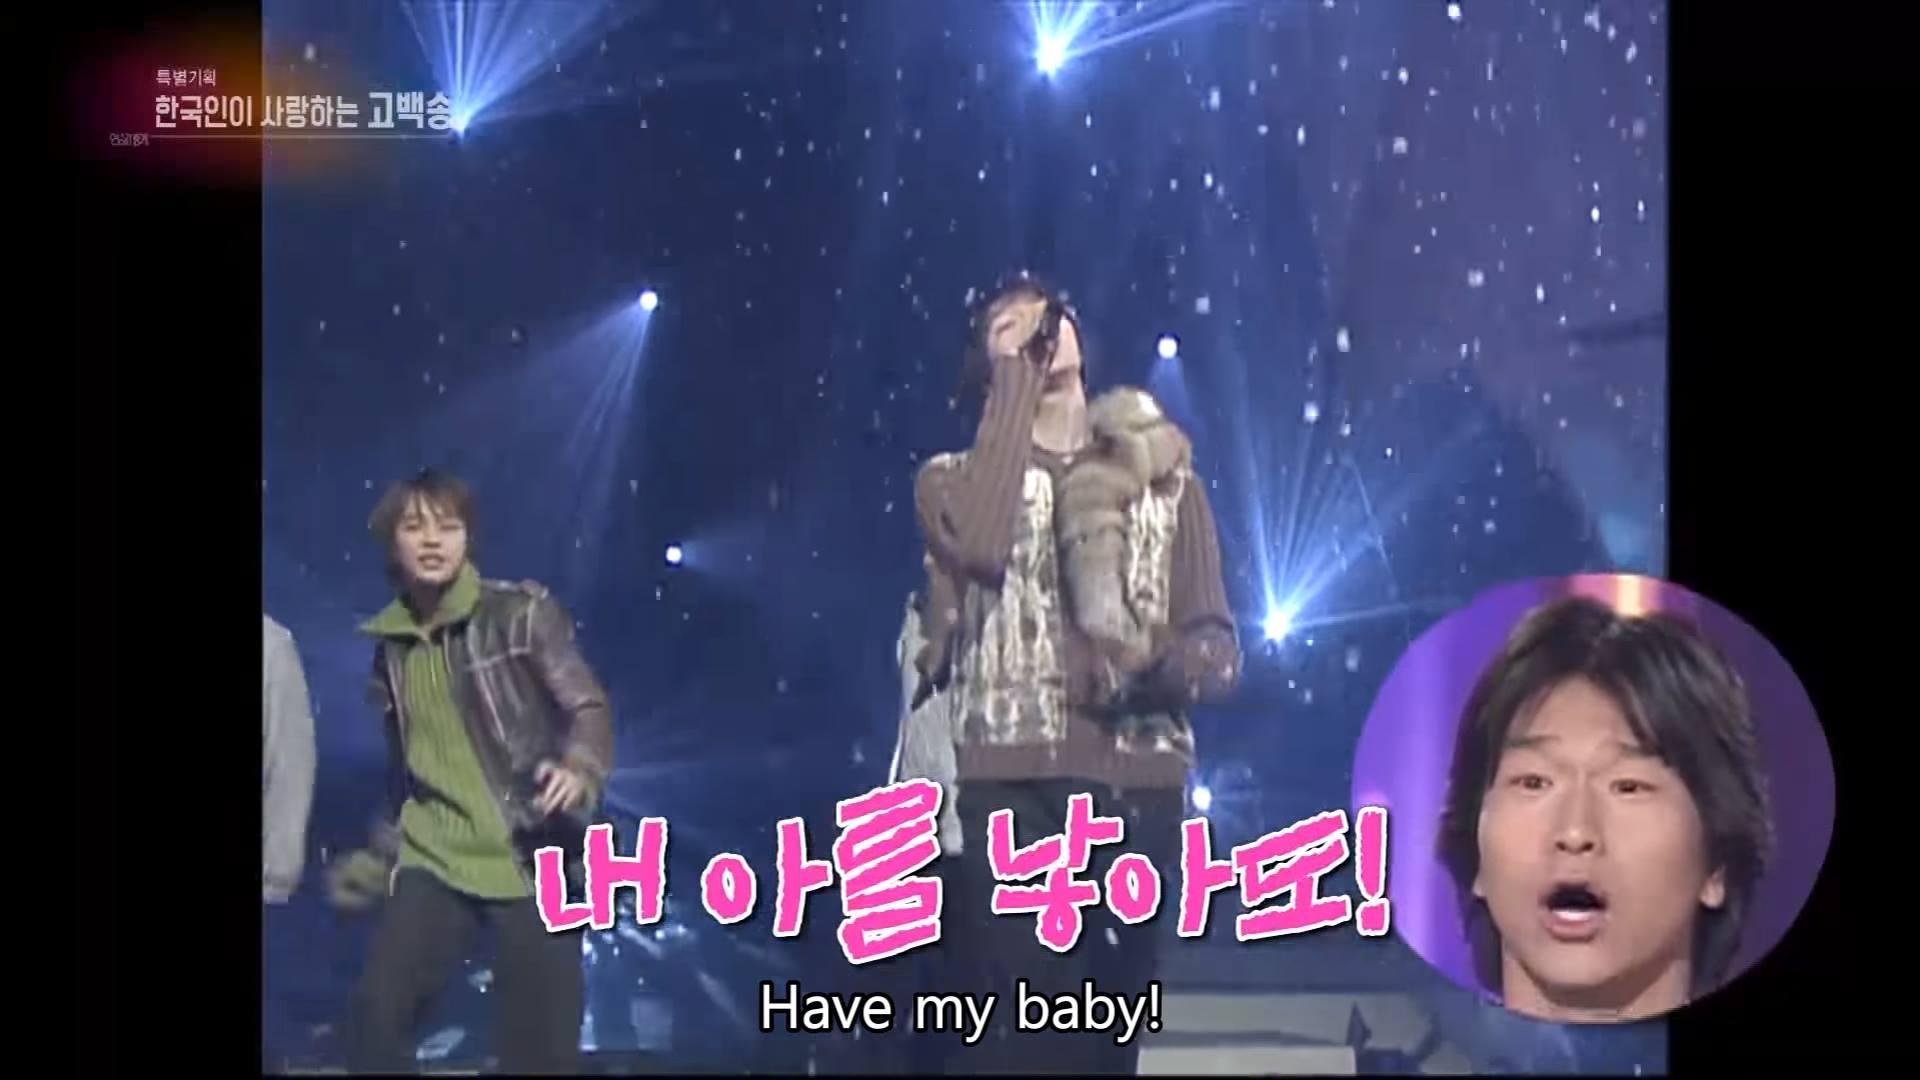 UN con el tema My Love,My bride en el puesto 94 -entretenimiento semanal de la KBS 17917510